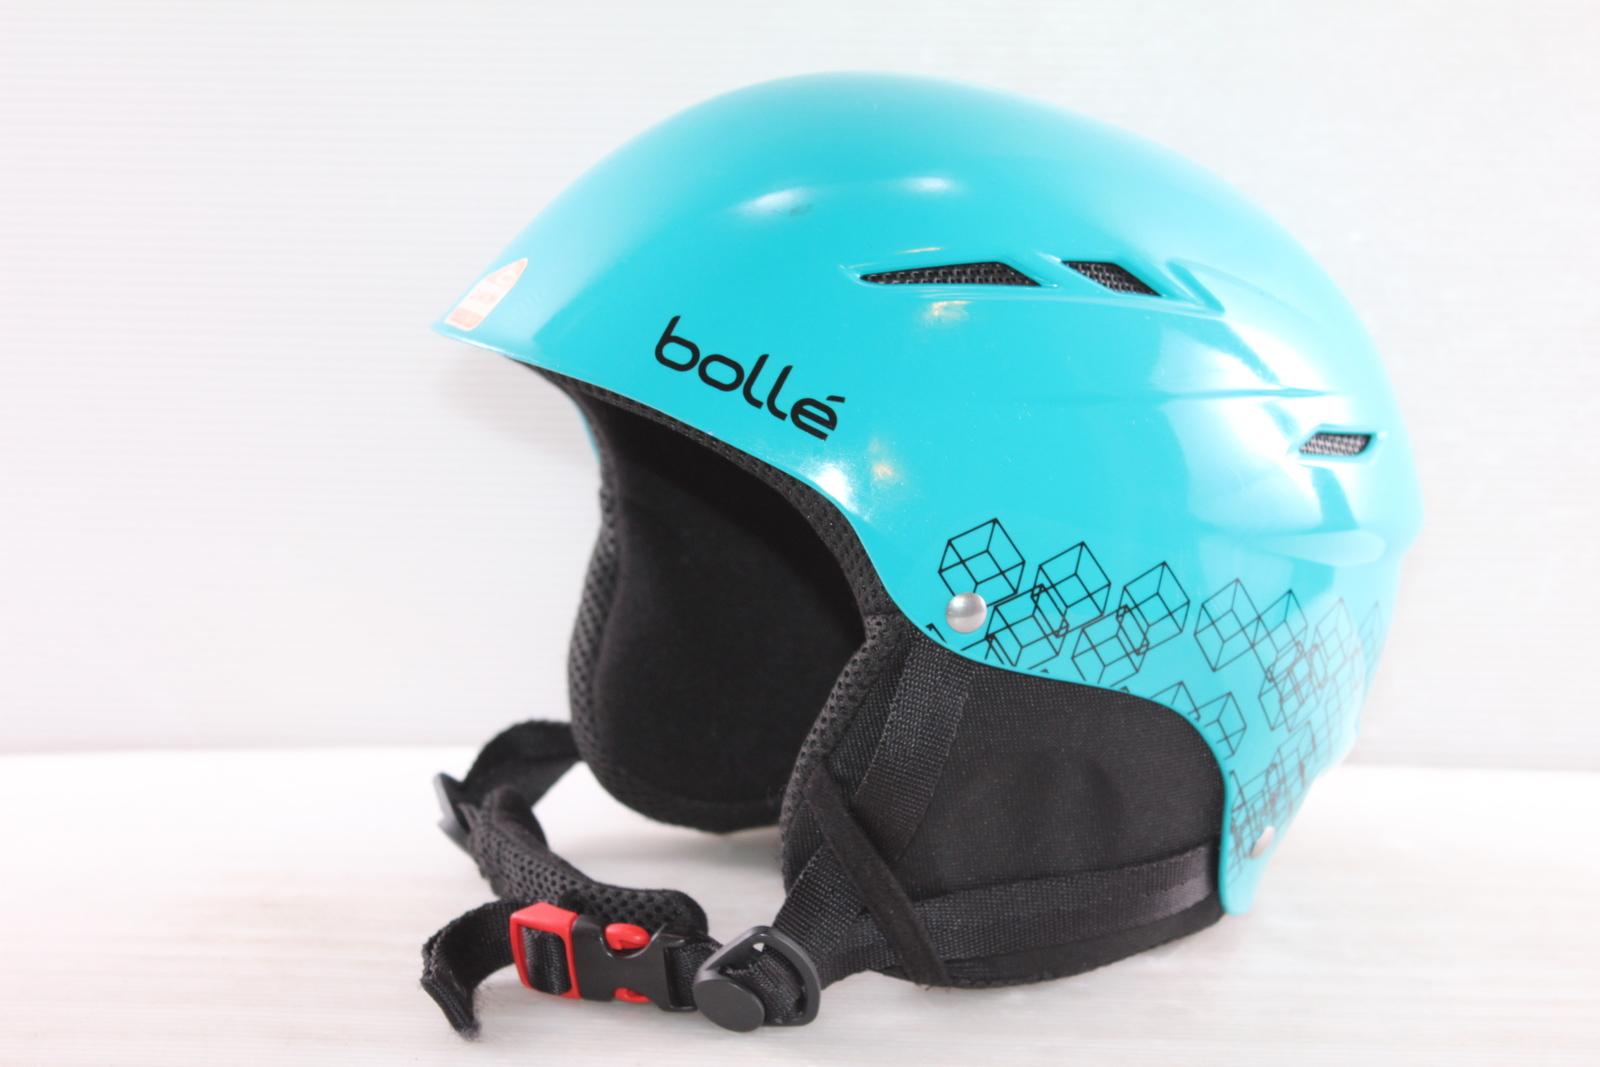 Dámská lyžařská helma Bolle Bolle - posuvná vel. 52 - 54